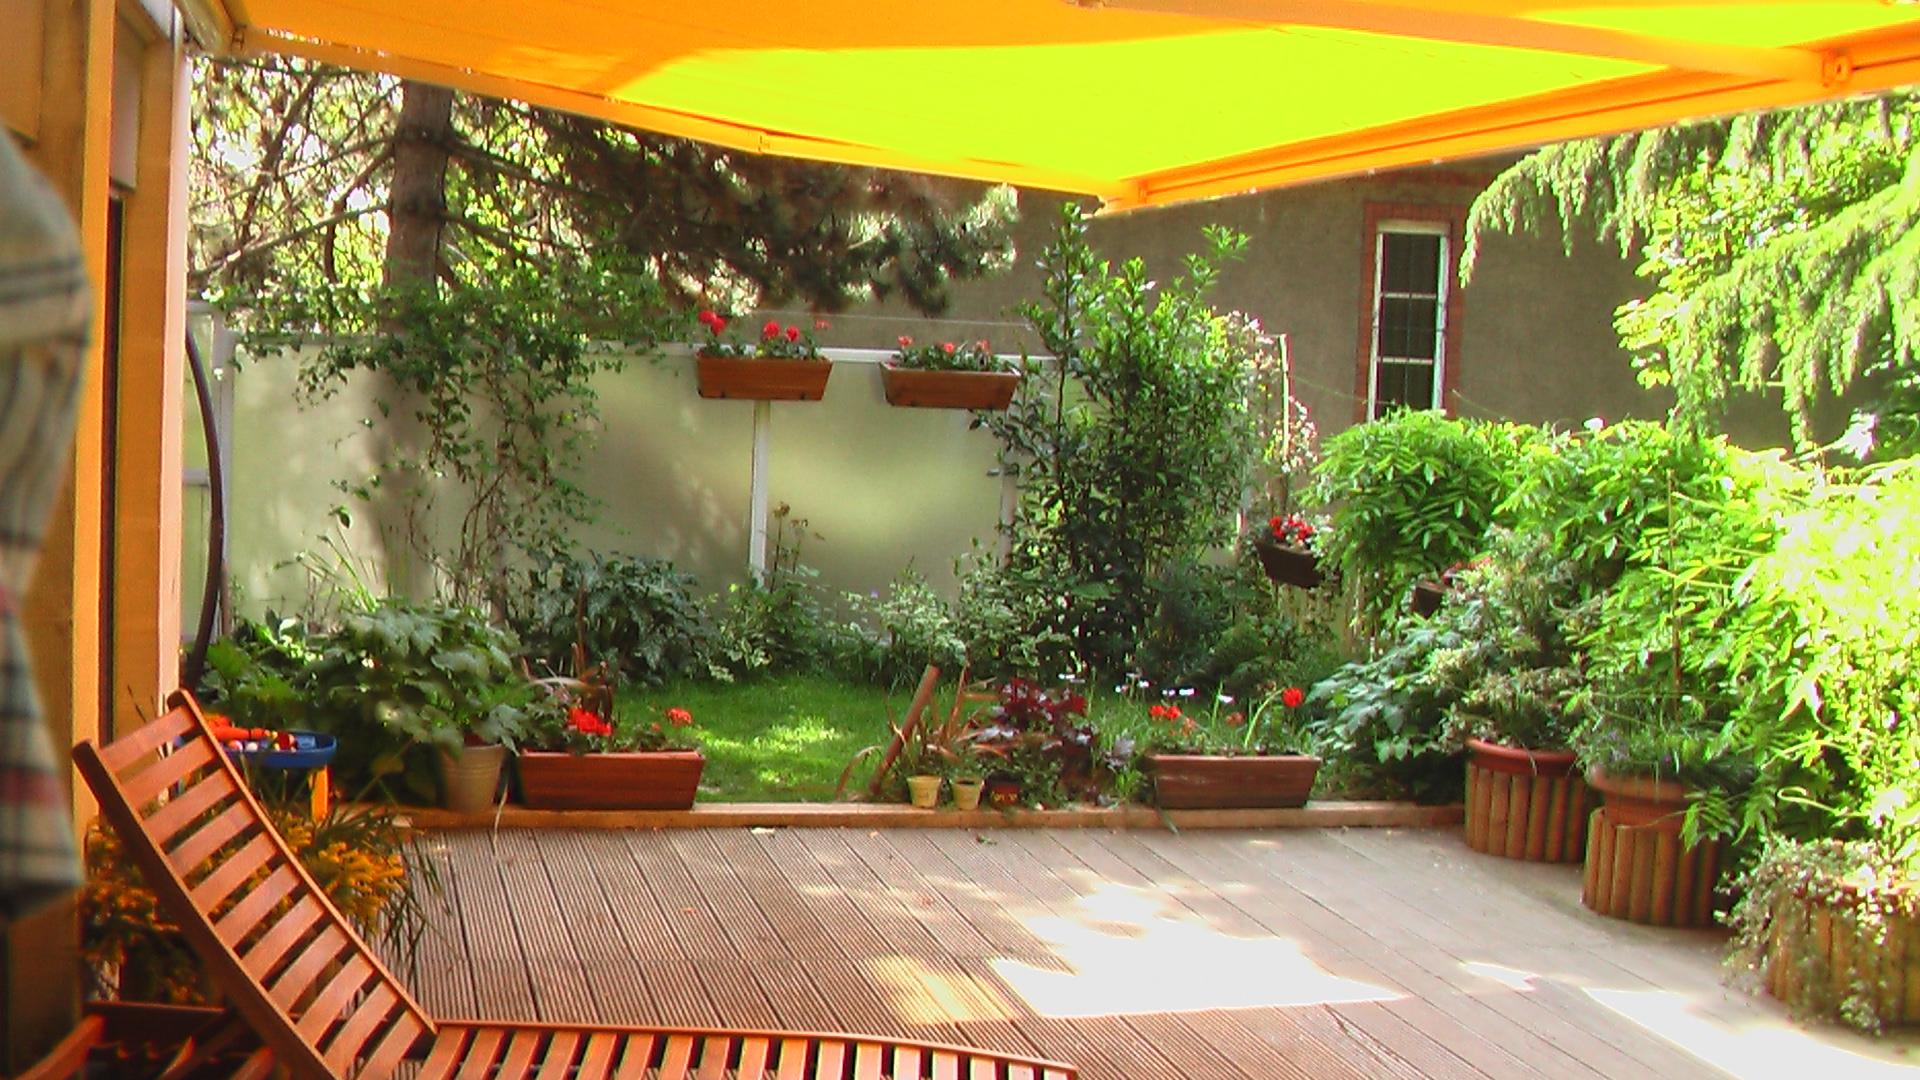 Terrasse - Parquetflottant.net